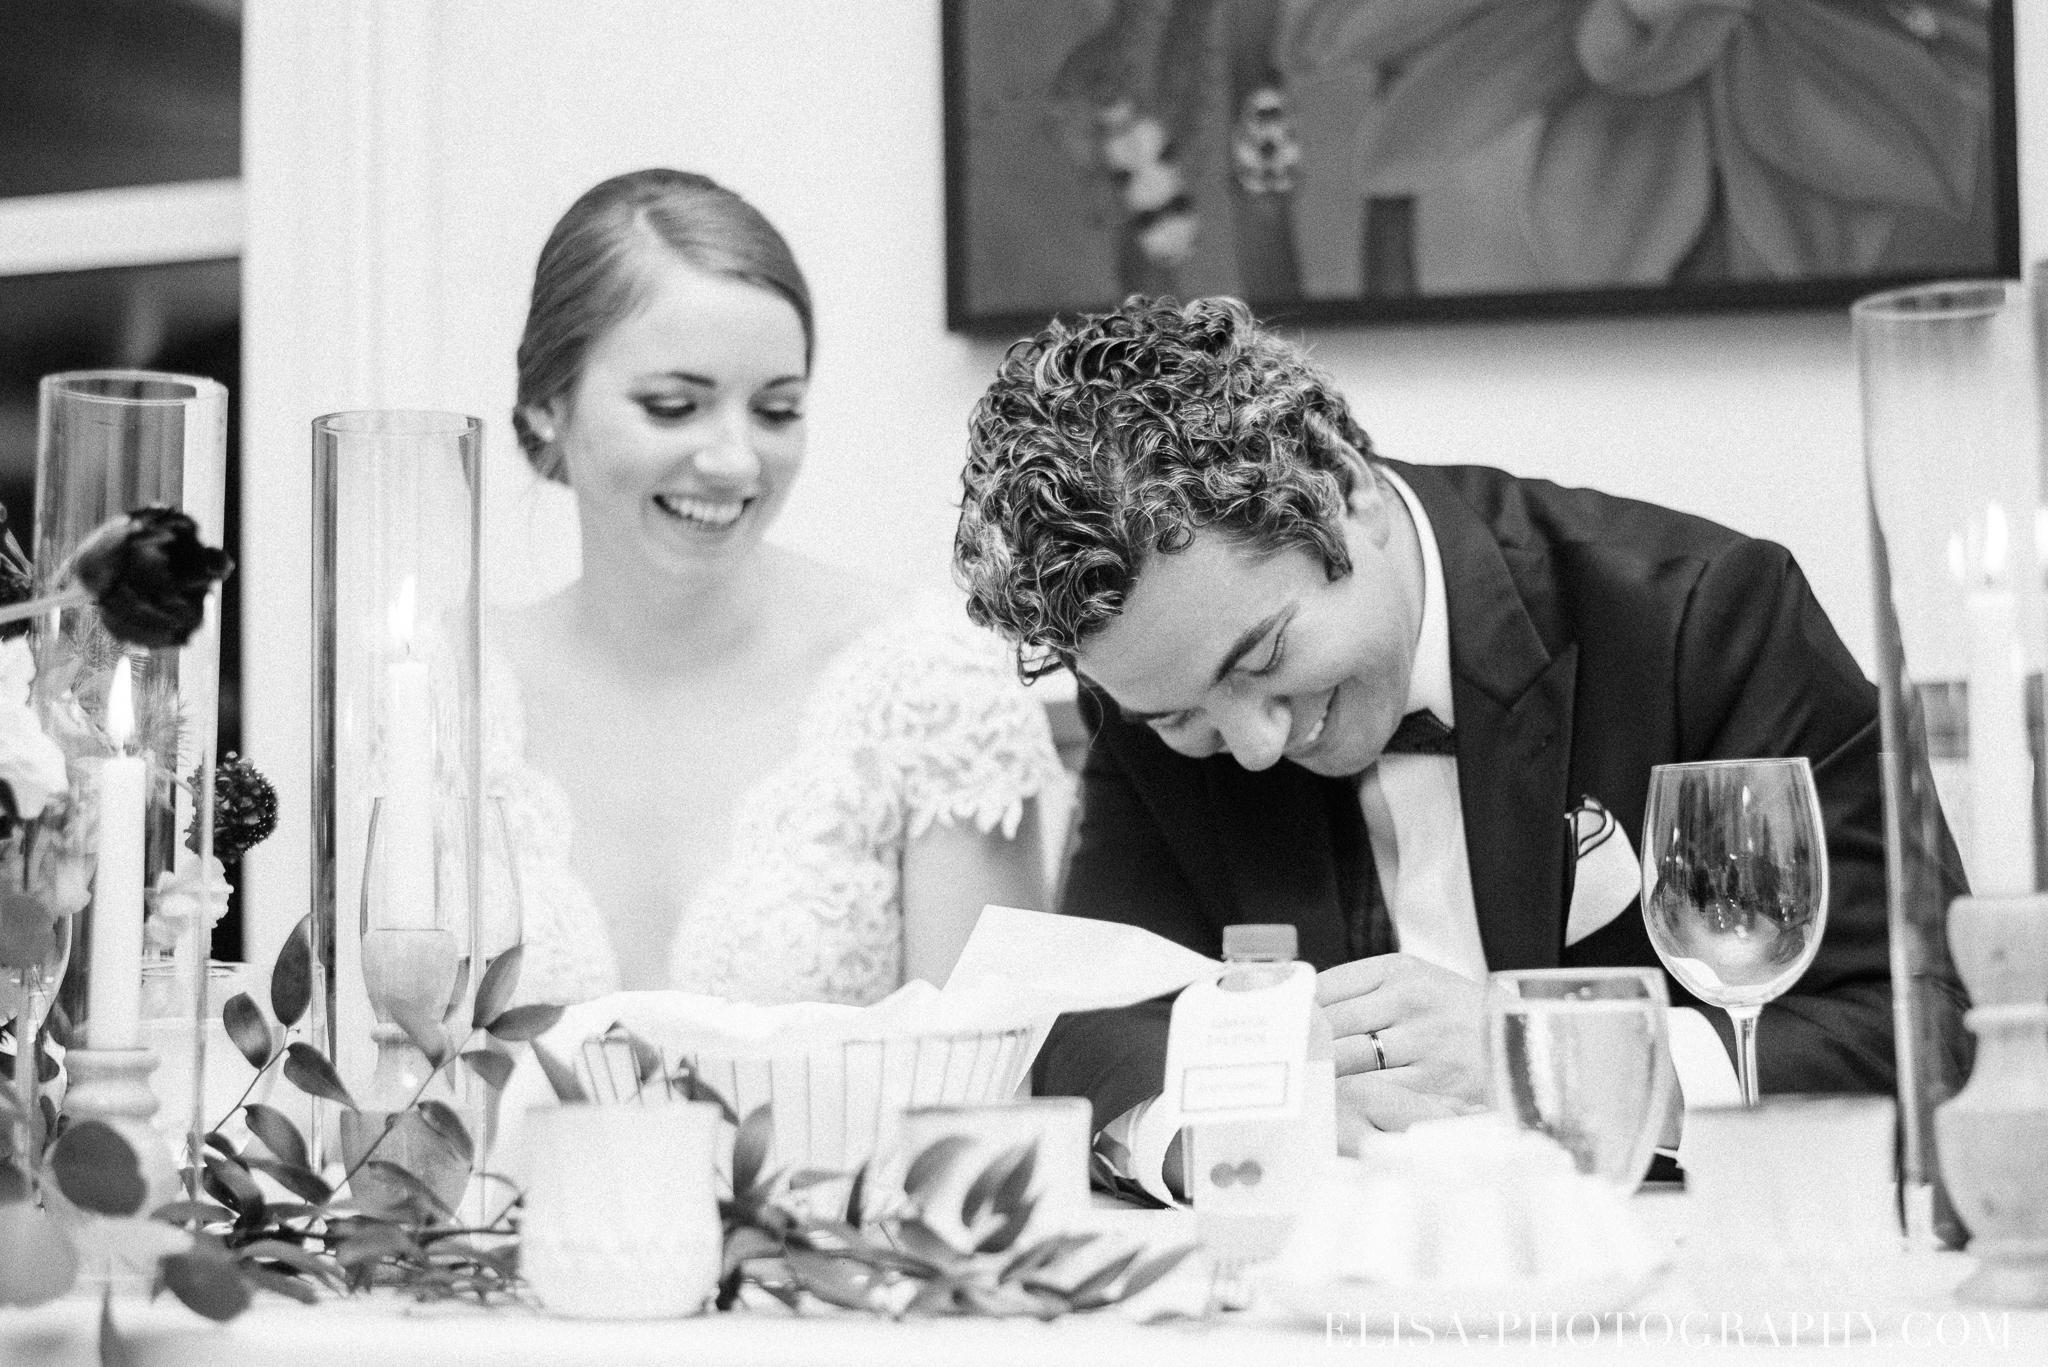 photo mariage reception domaine cataraqui centres de table elisa photographe 1305 - Mariage élégant et discret au coeur du magnifique Domaine Cataraqui, Québec